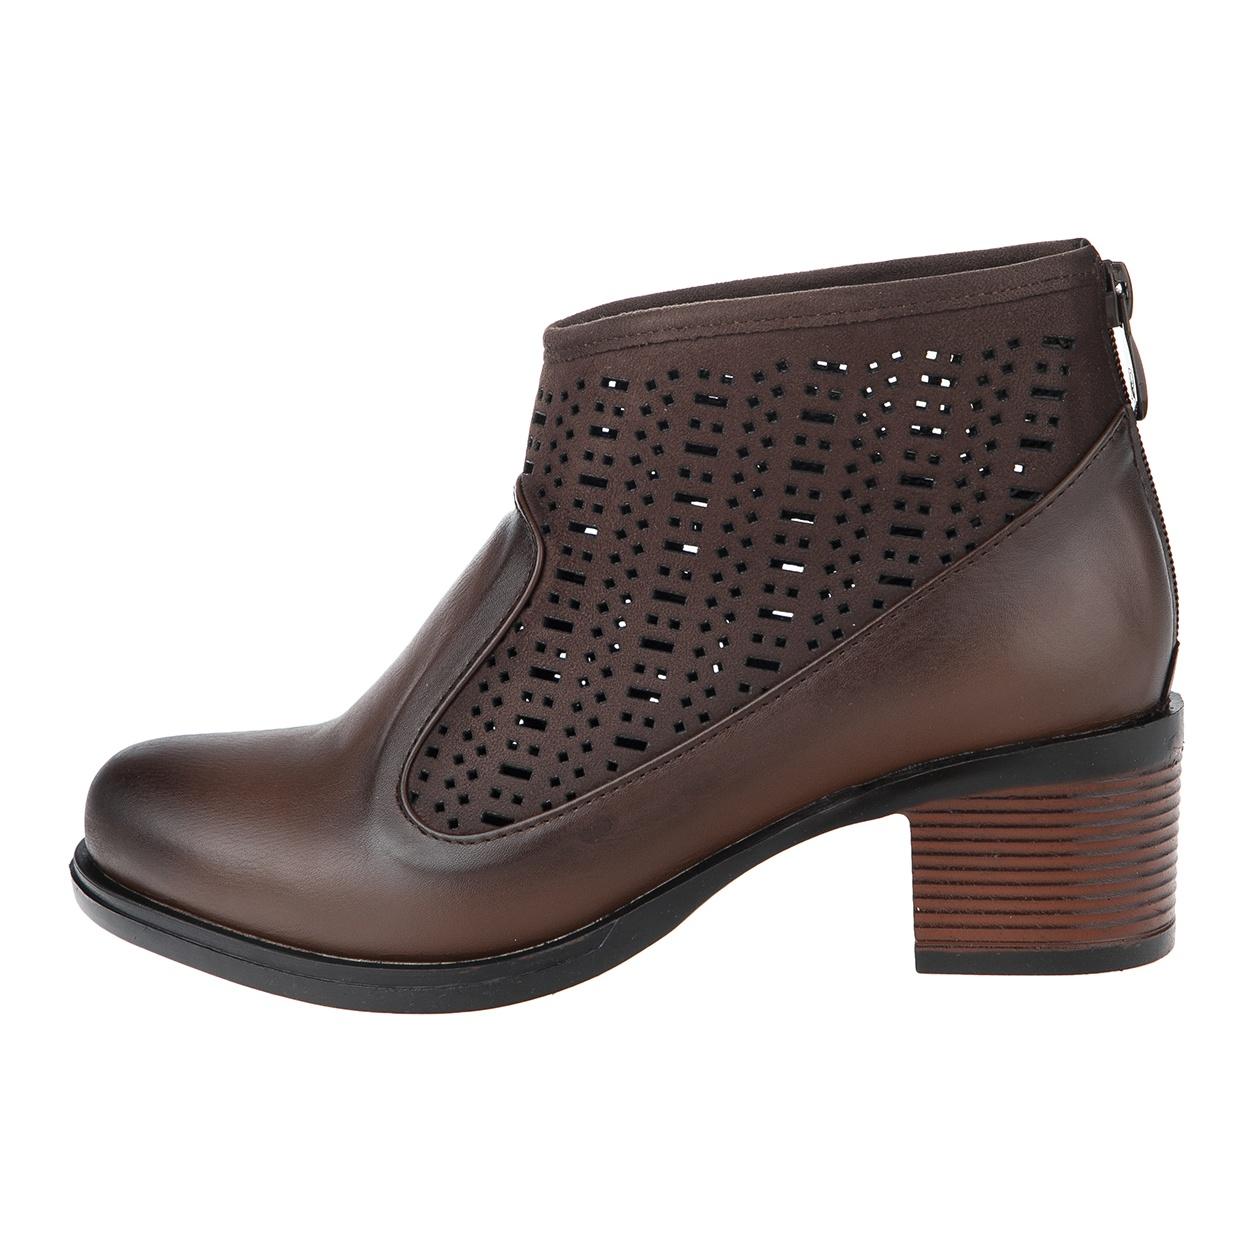 کفش زنانه مدل آذین کد 032